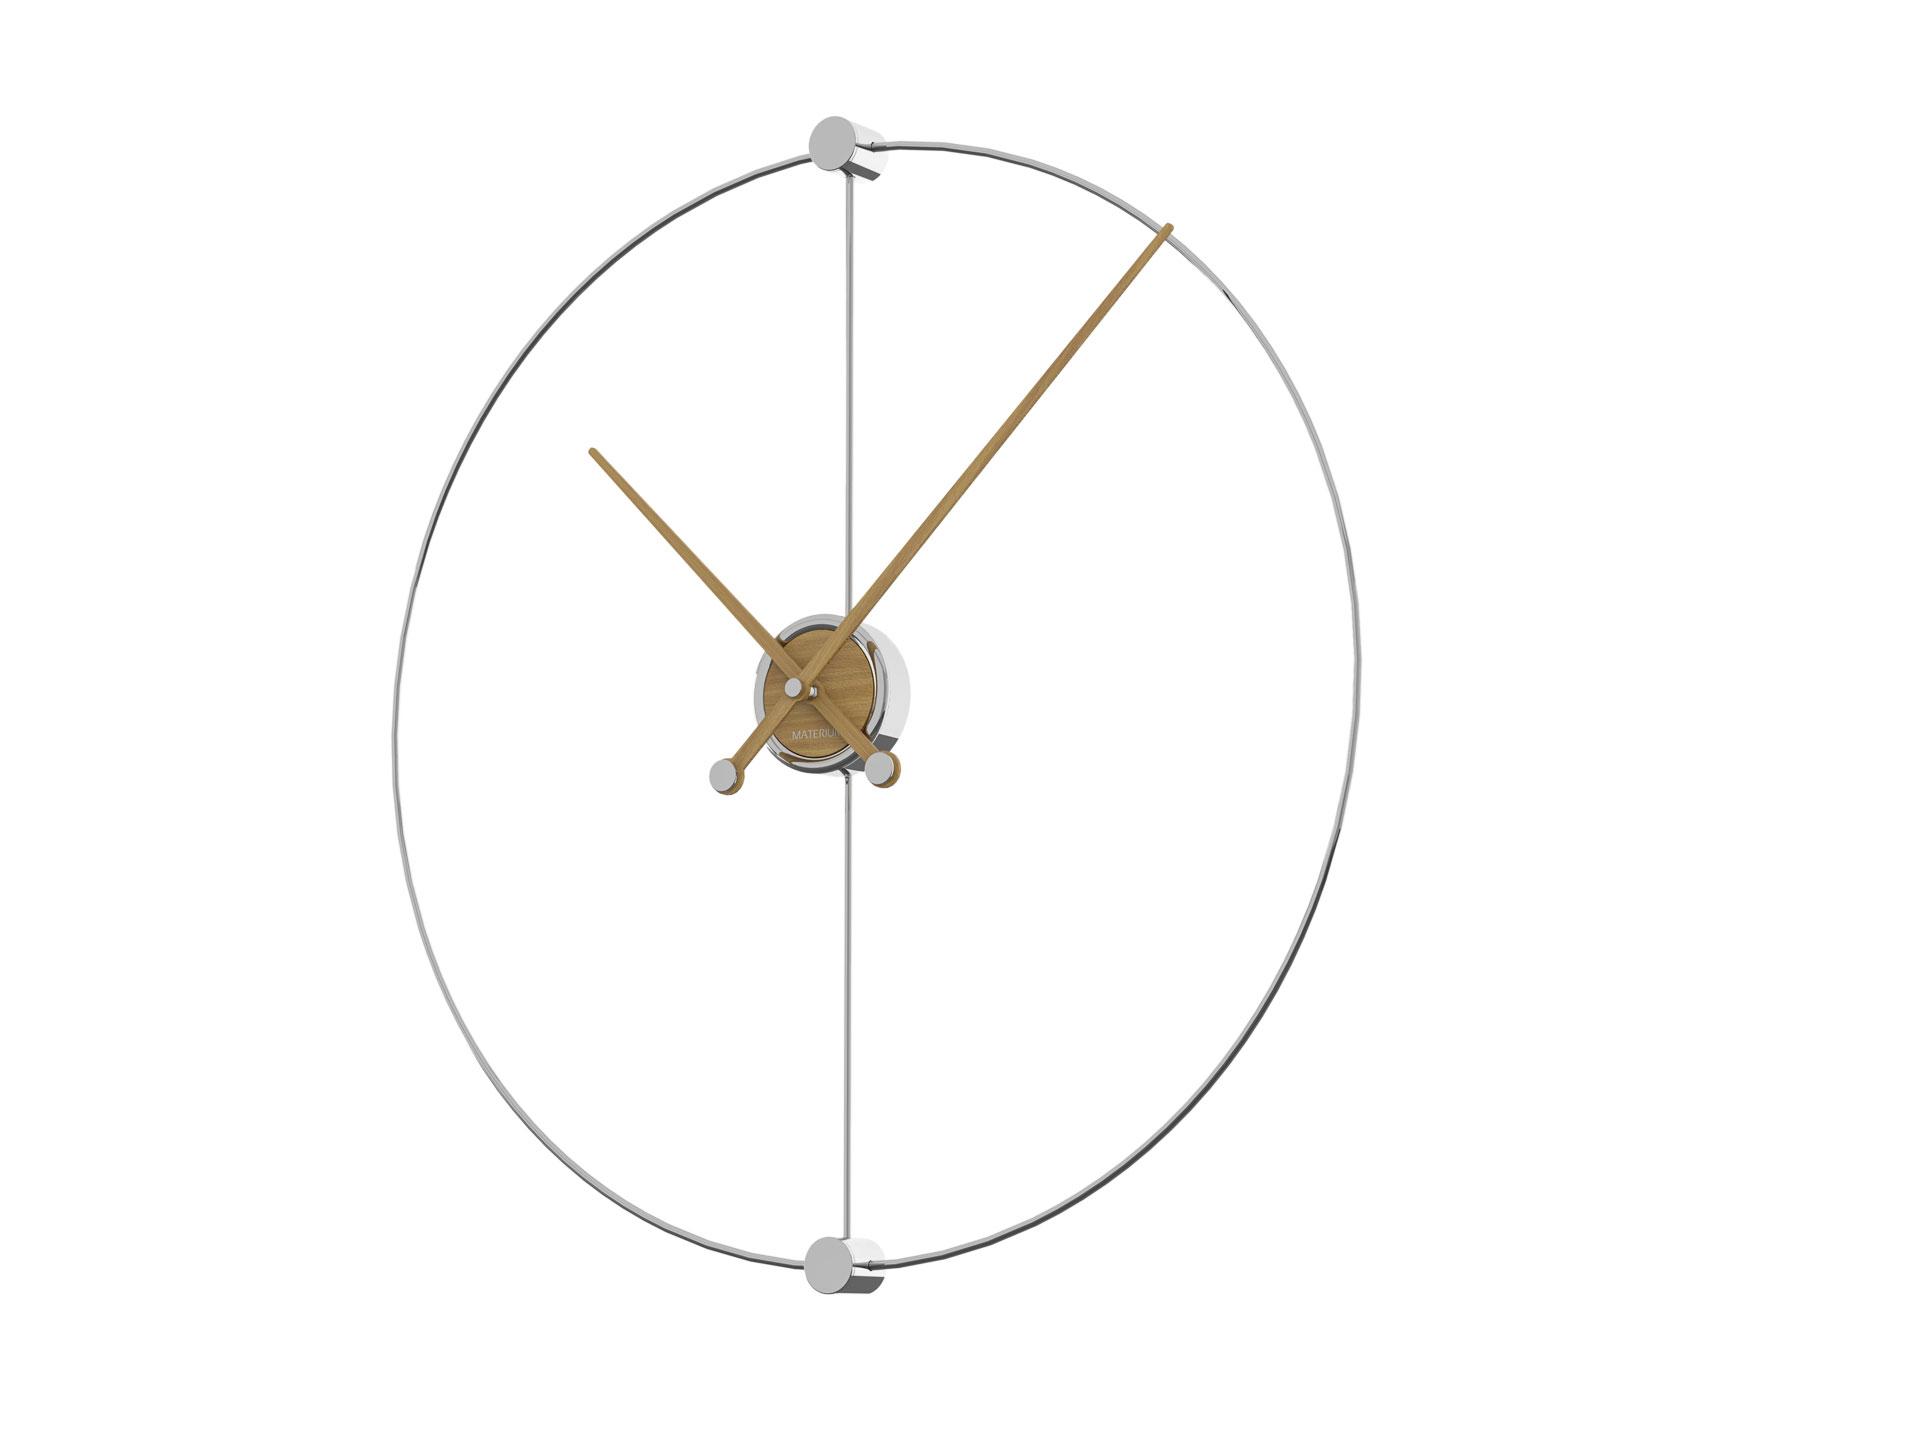 EUCLIDEO-70-CROMO-ROVERE